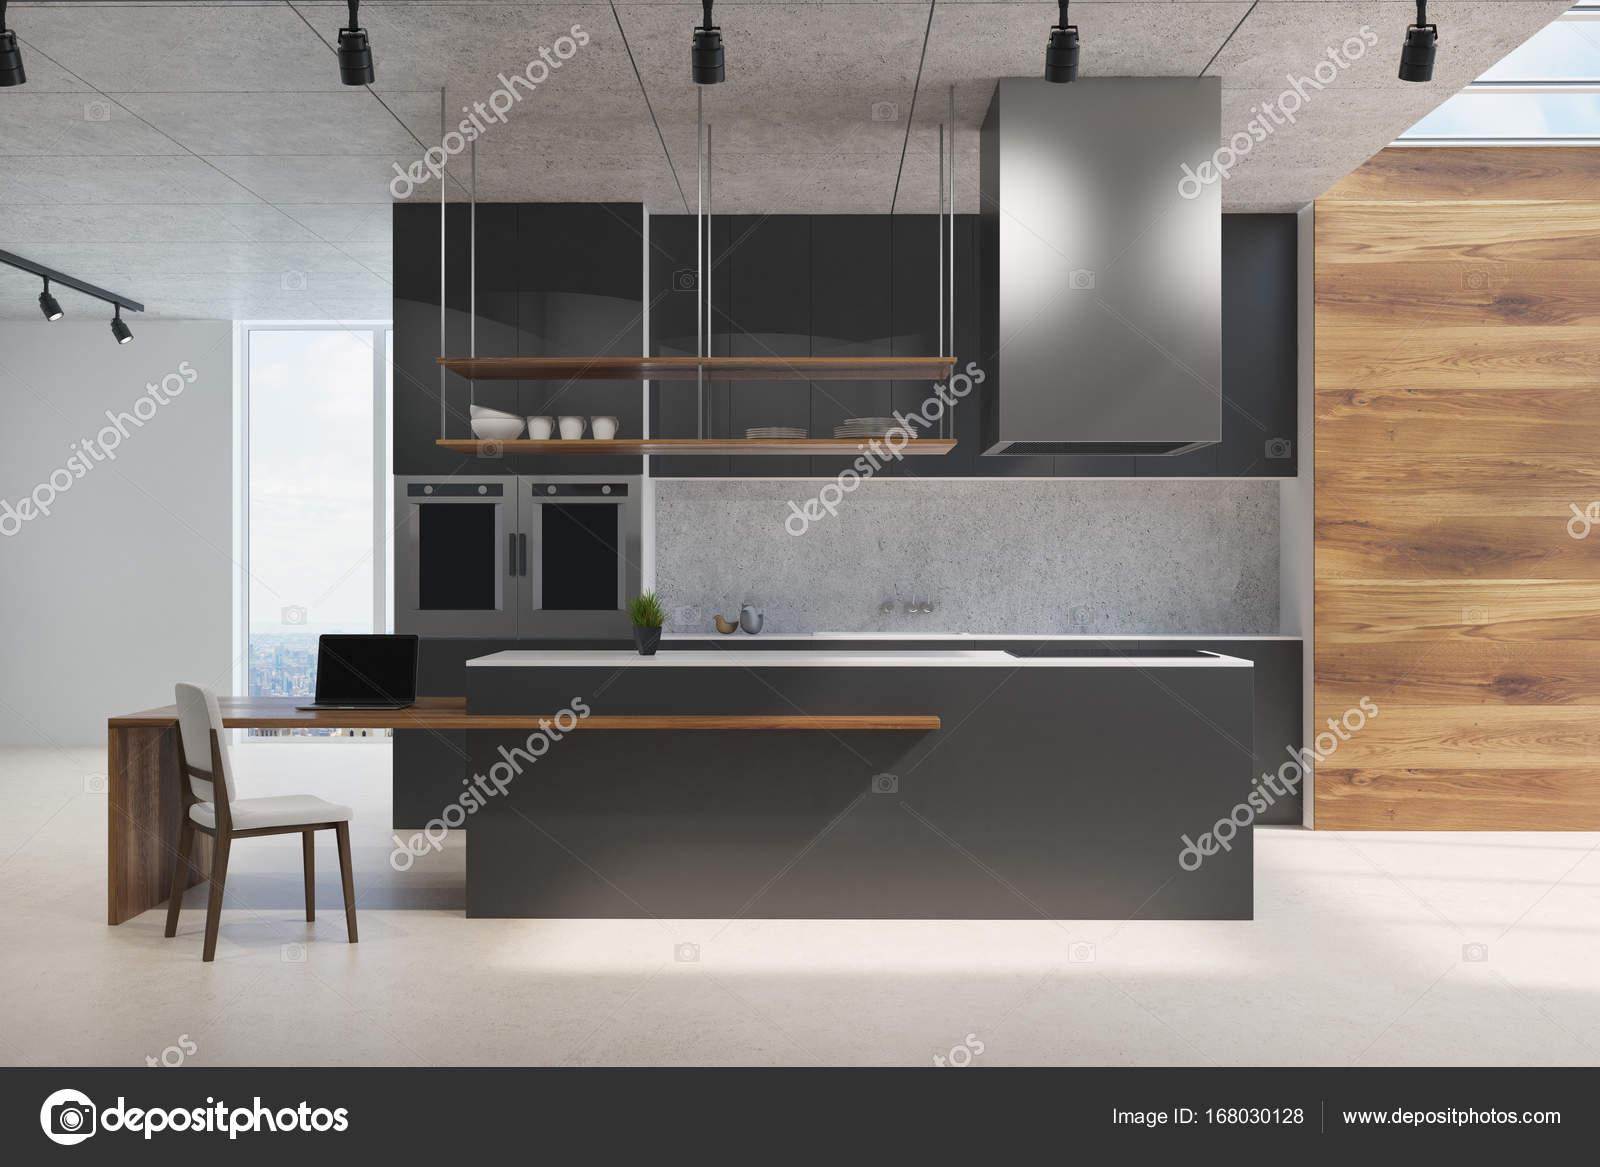 Schwarz und aus Holz Küchentheke — Stockfoto © denisismagilov #168030128